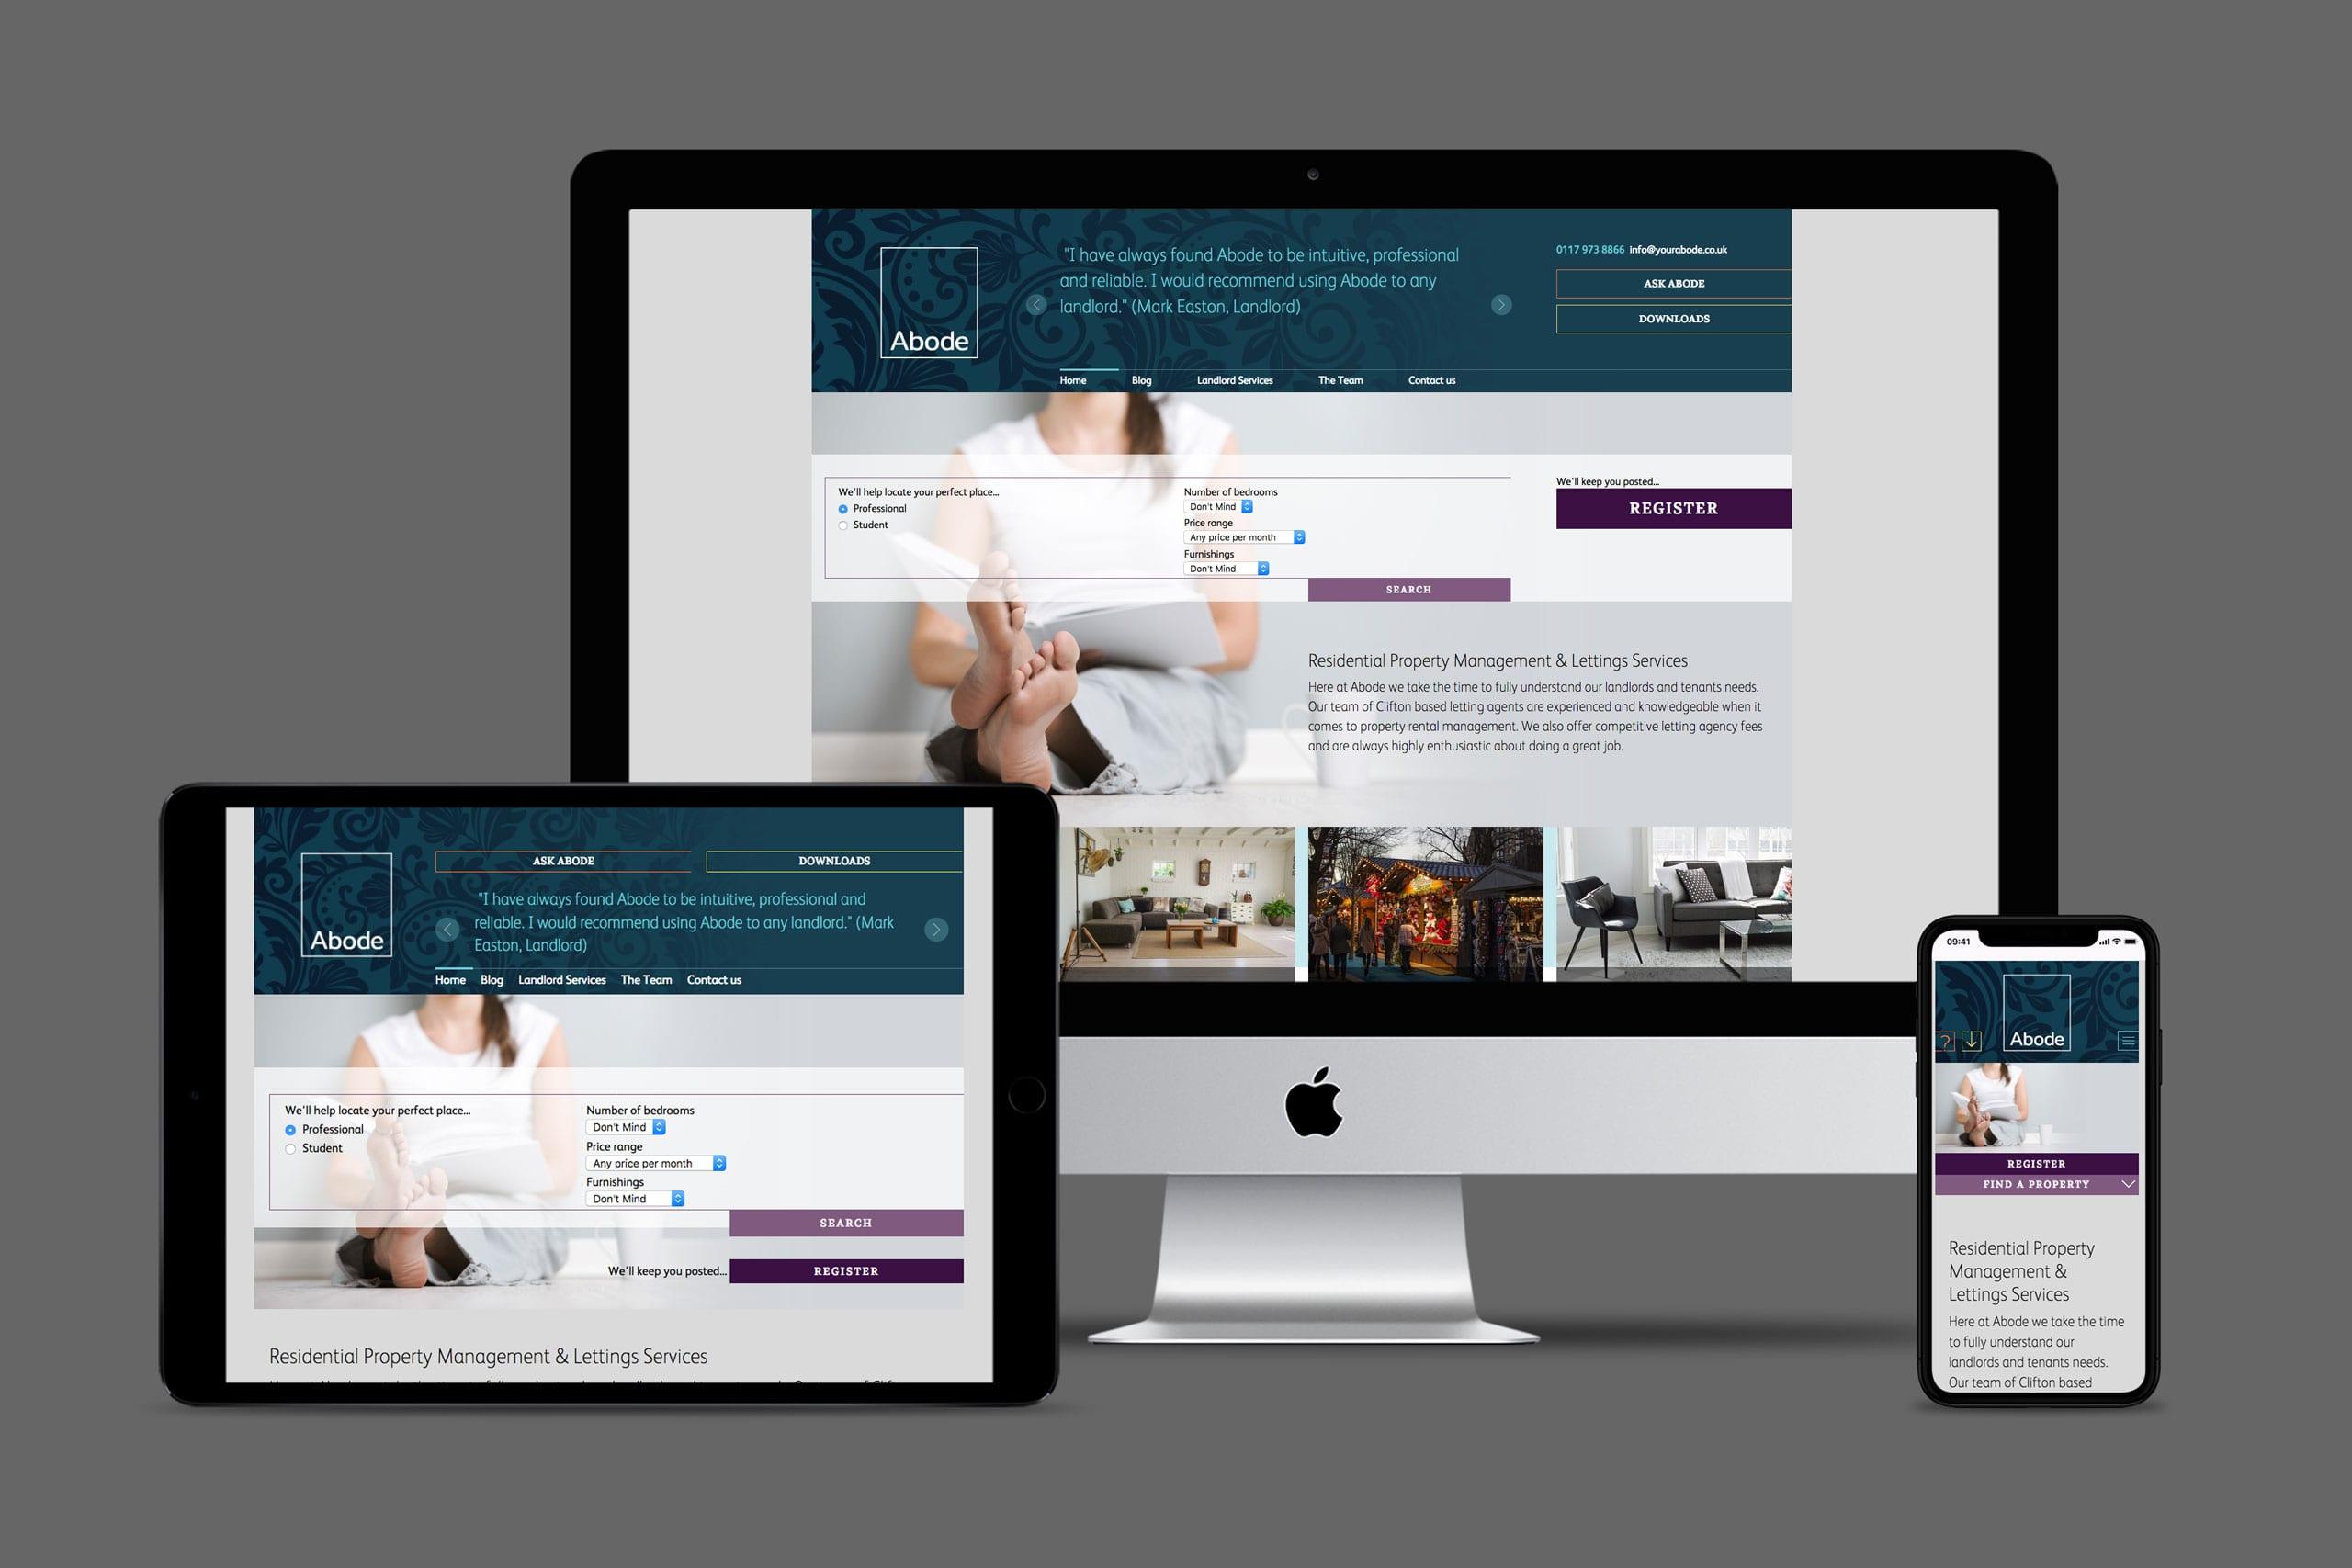 Abode website design